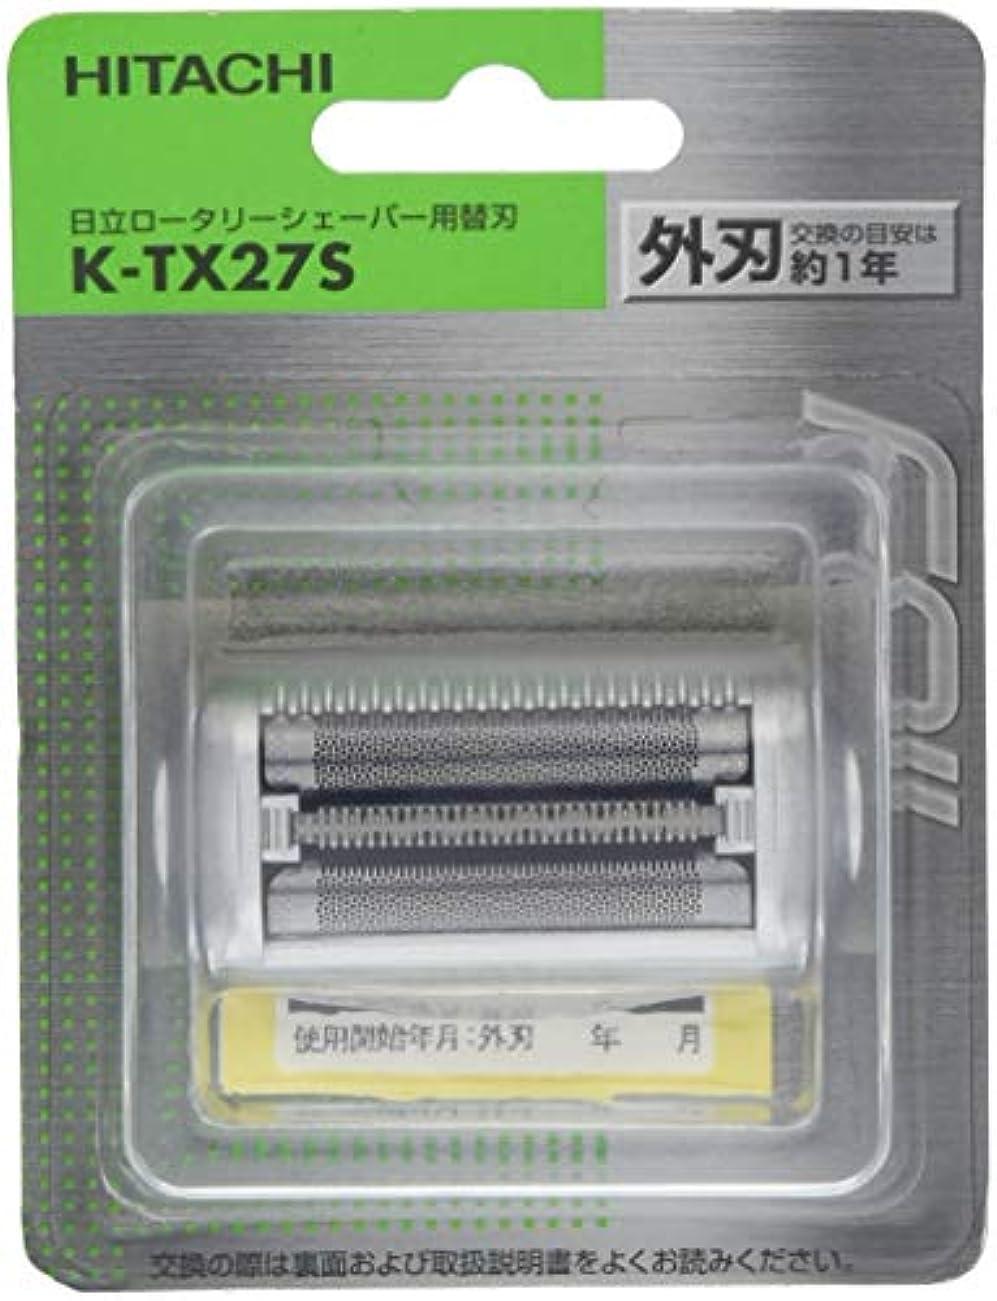 グレートオークいたずらな海洋の日立 メンズシェーバー用替刃(外刃) K-TX27S